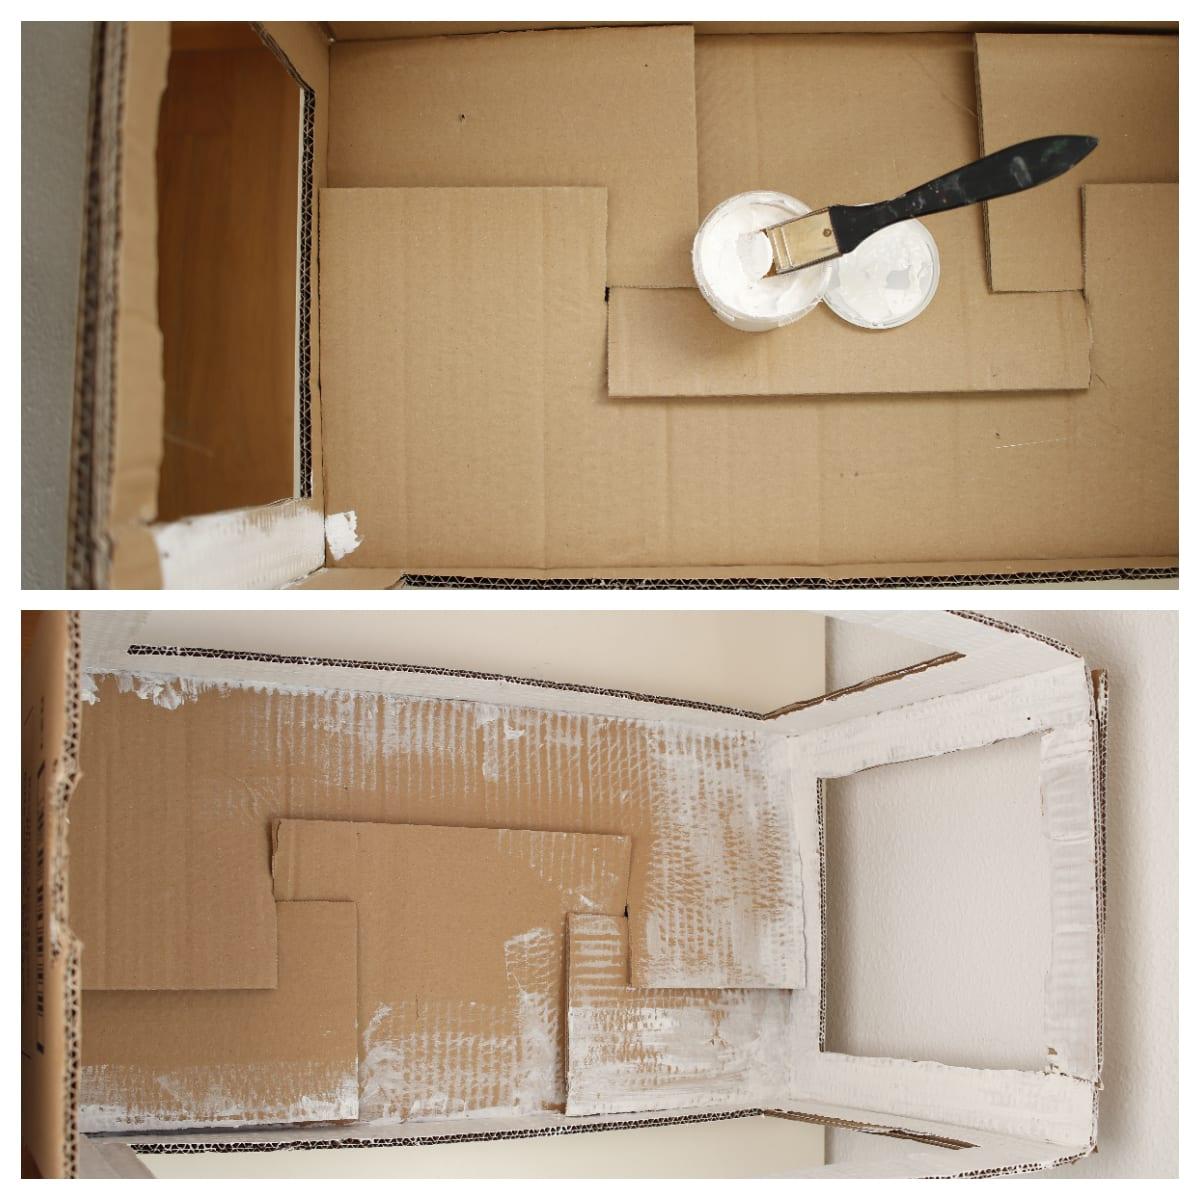 Ejemplo cartón para caja de luz